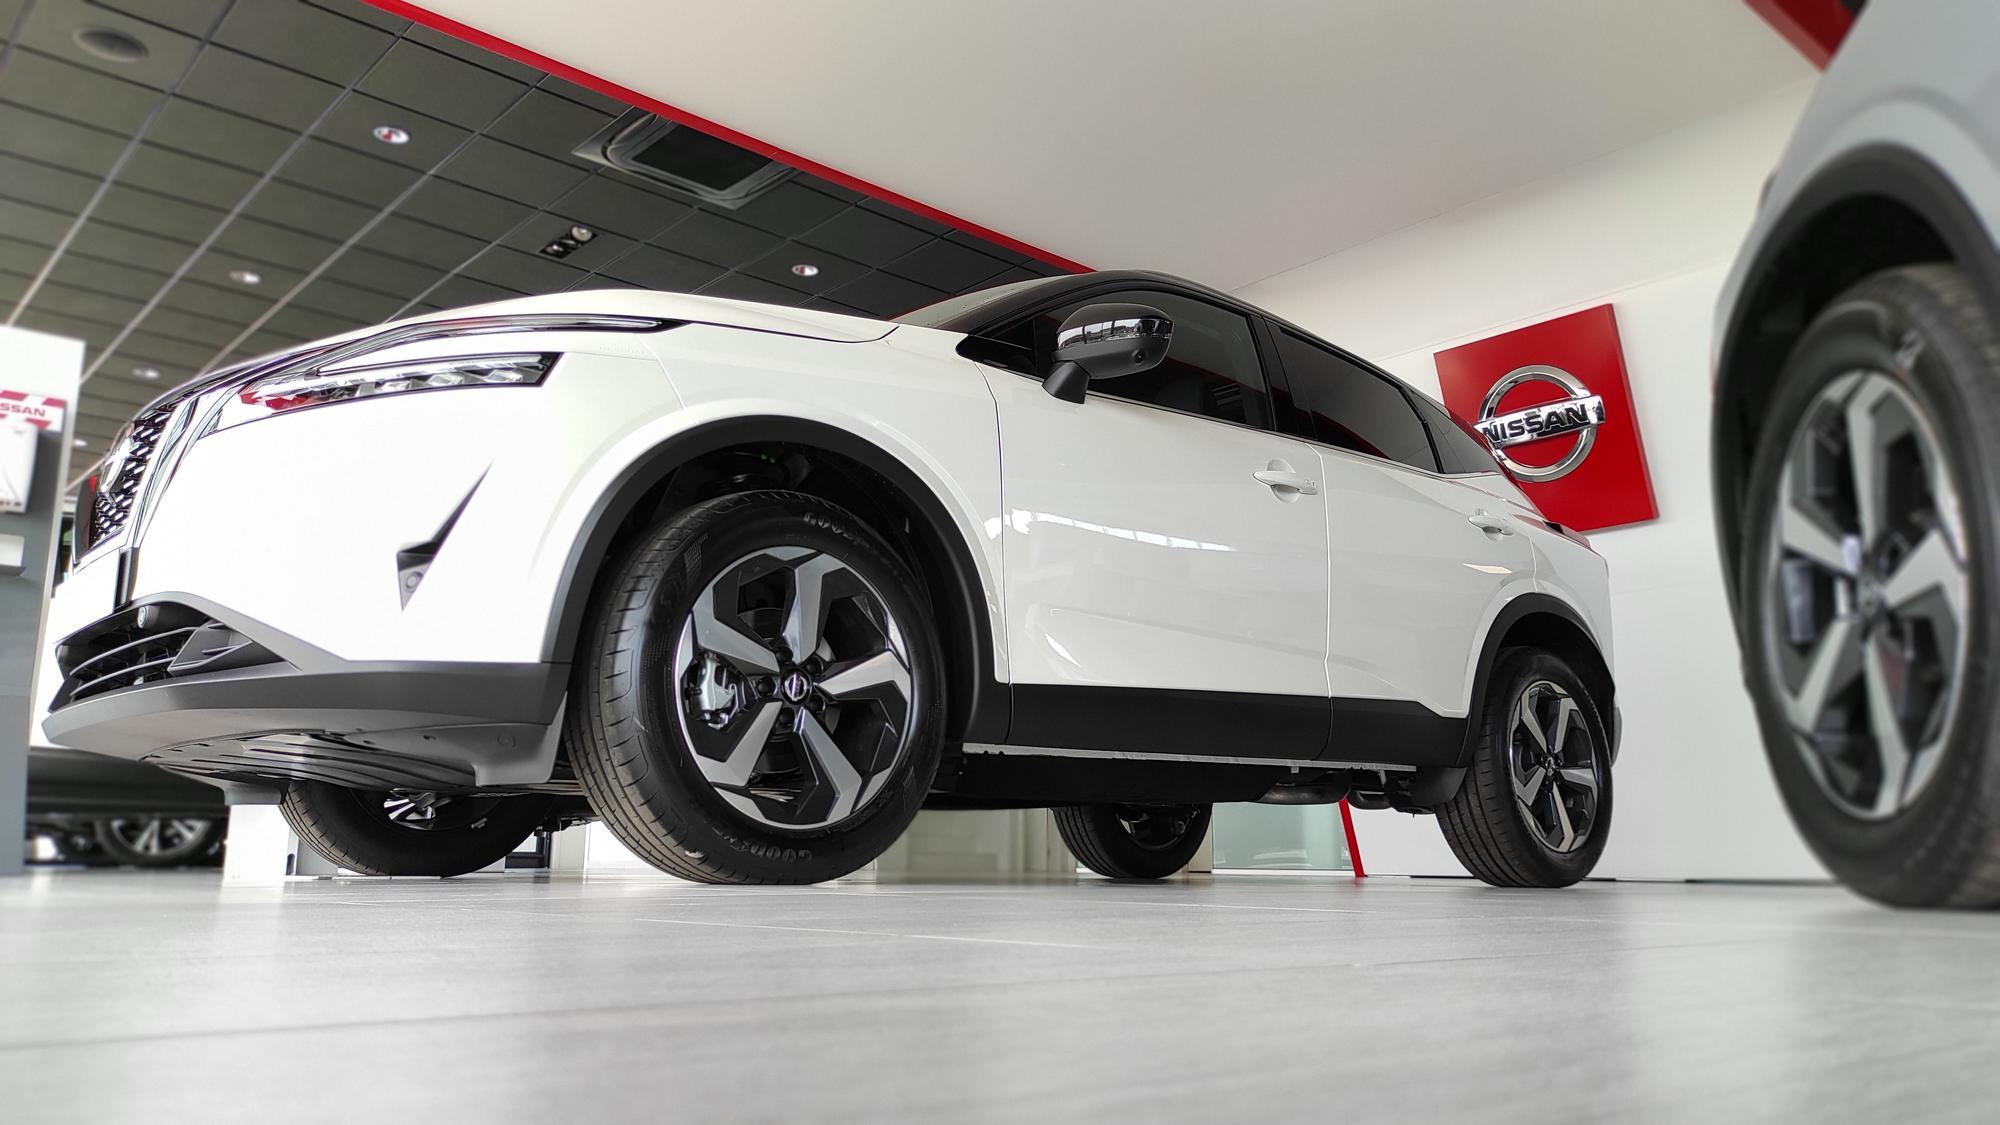 FOTOS: El Nou Nissan Qashqai ja ha arribat a Interdiesel Figueres